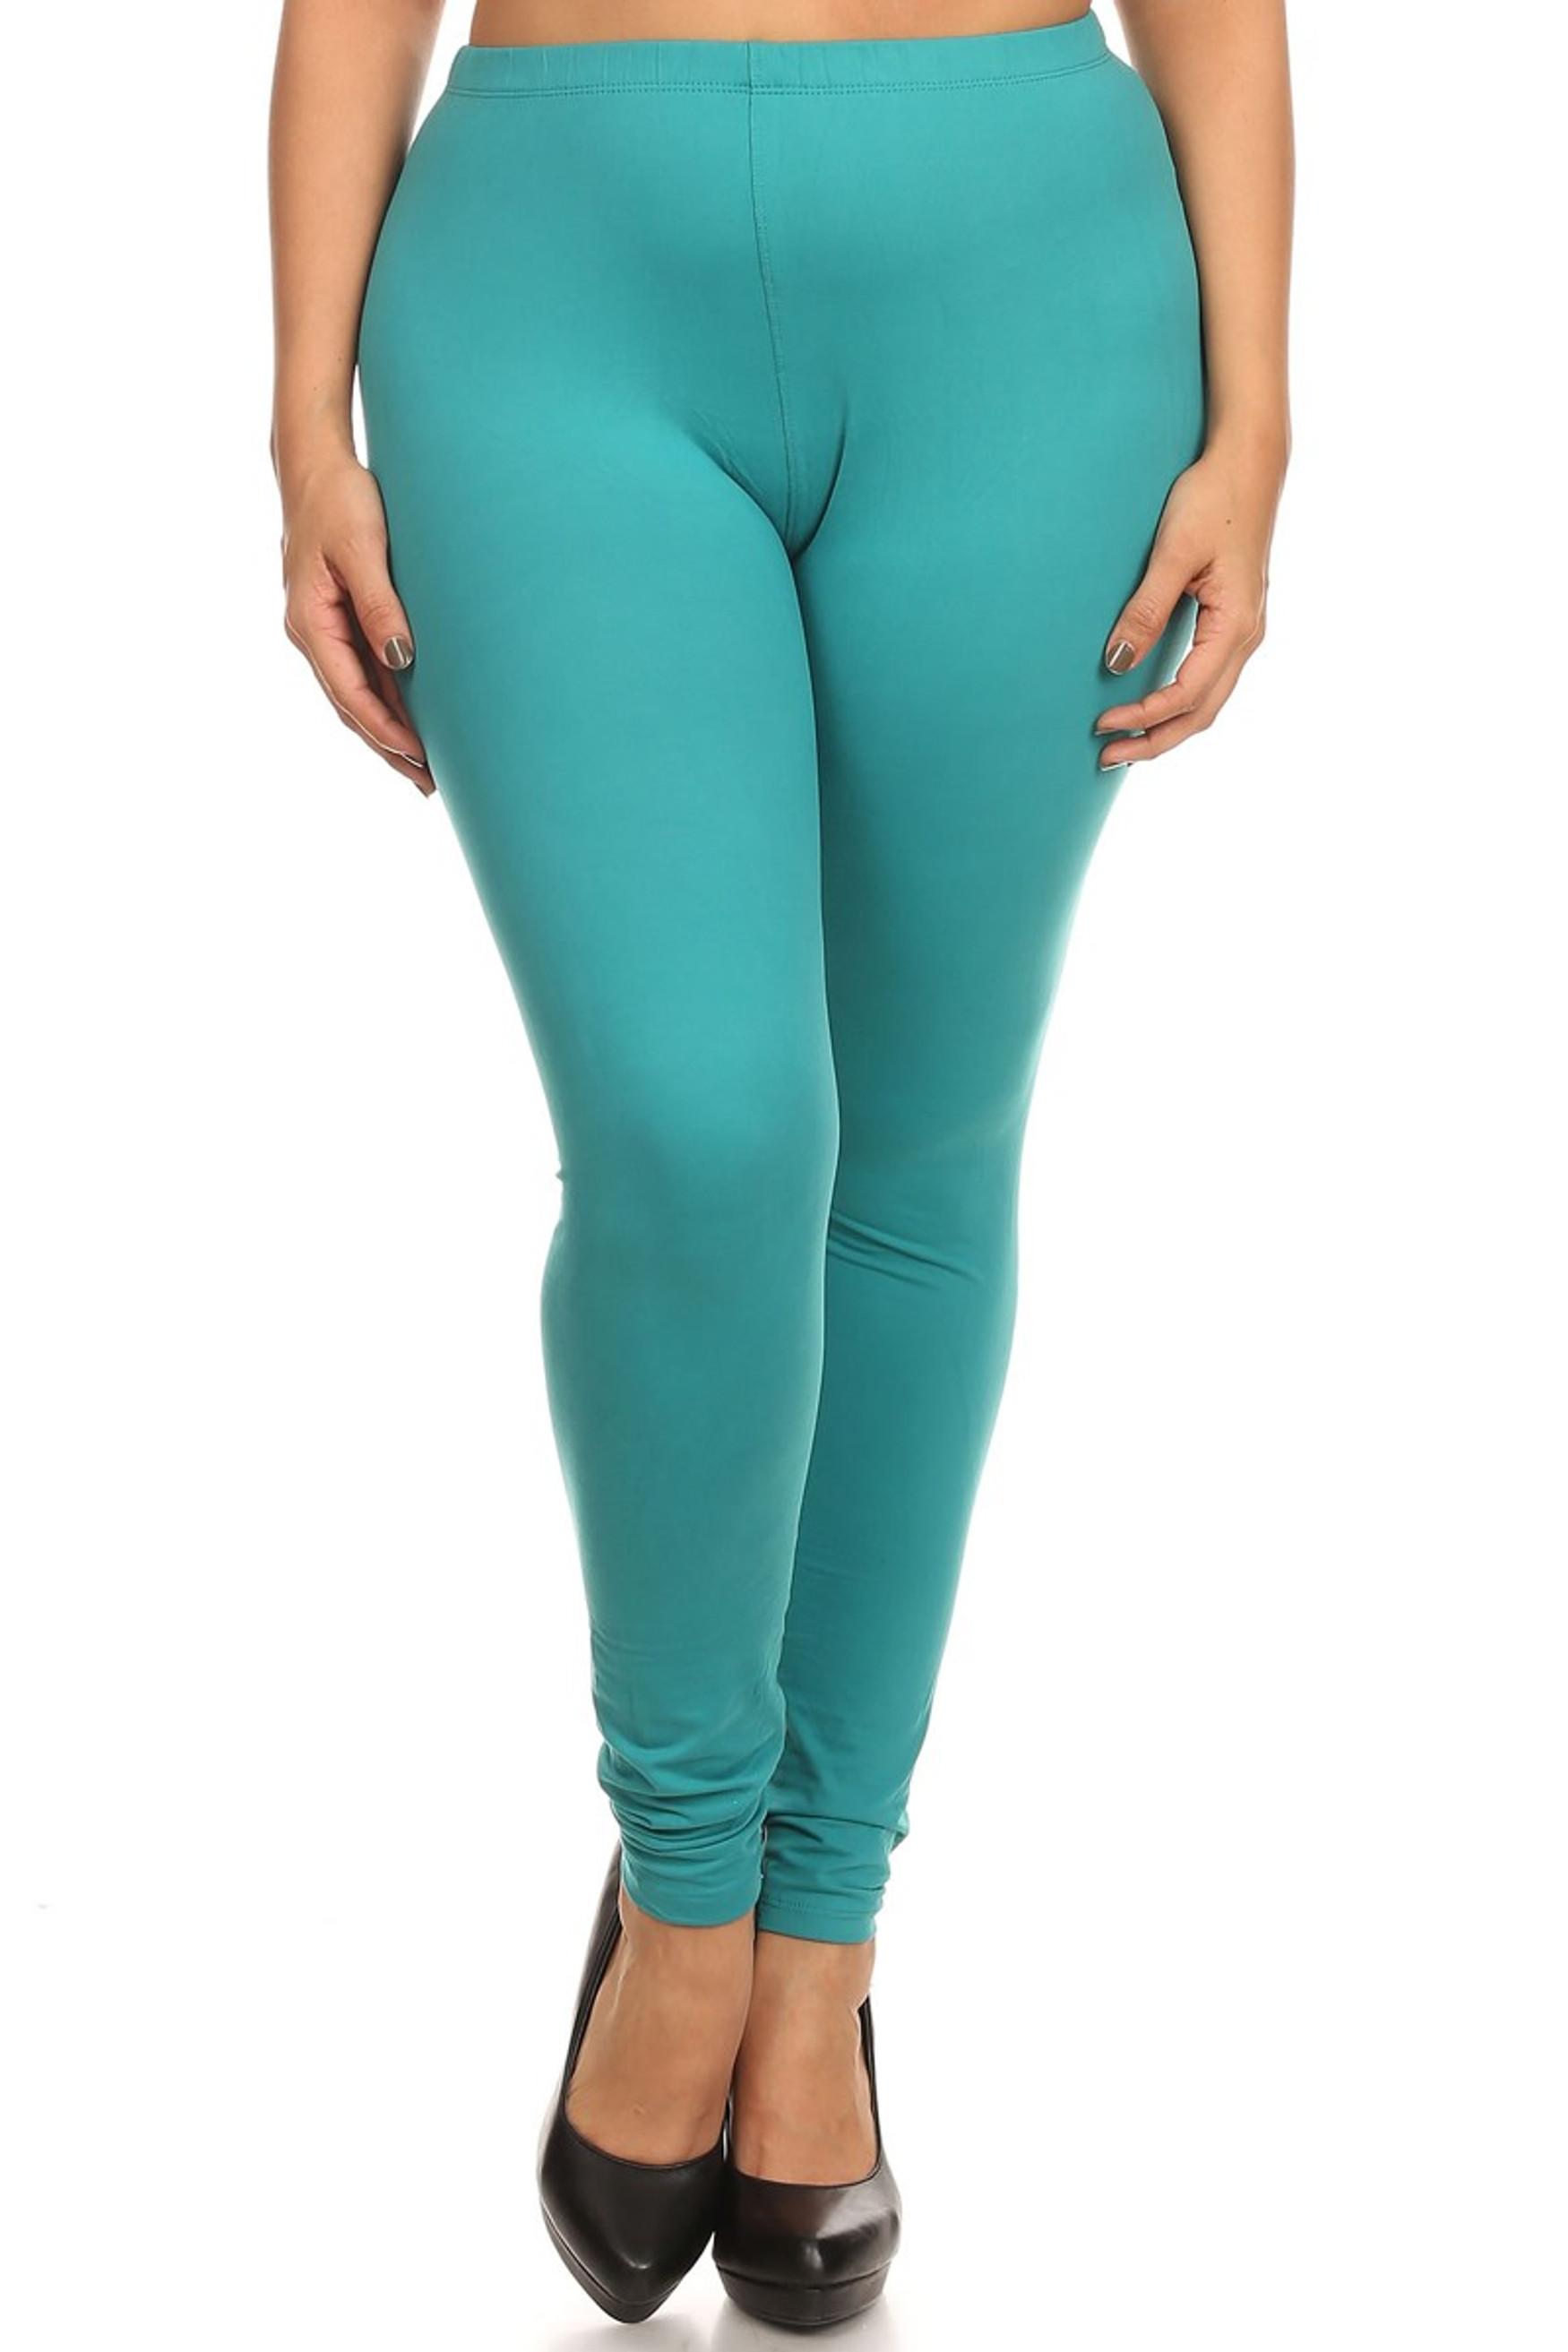 Brushed Basic Solid Leggings Plus Size - 3X-5X